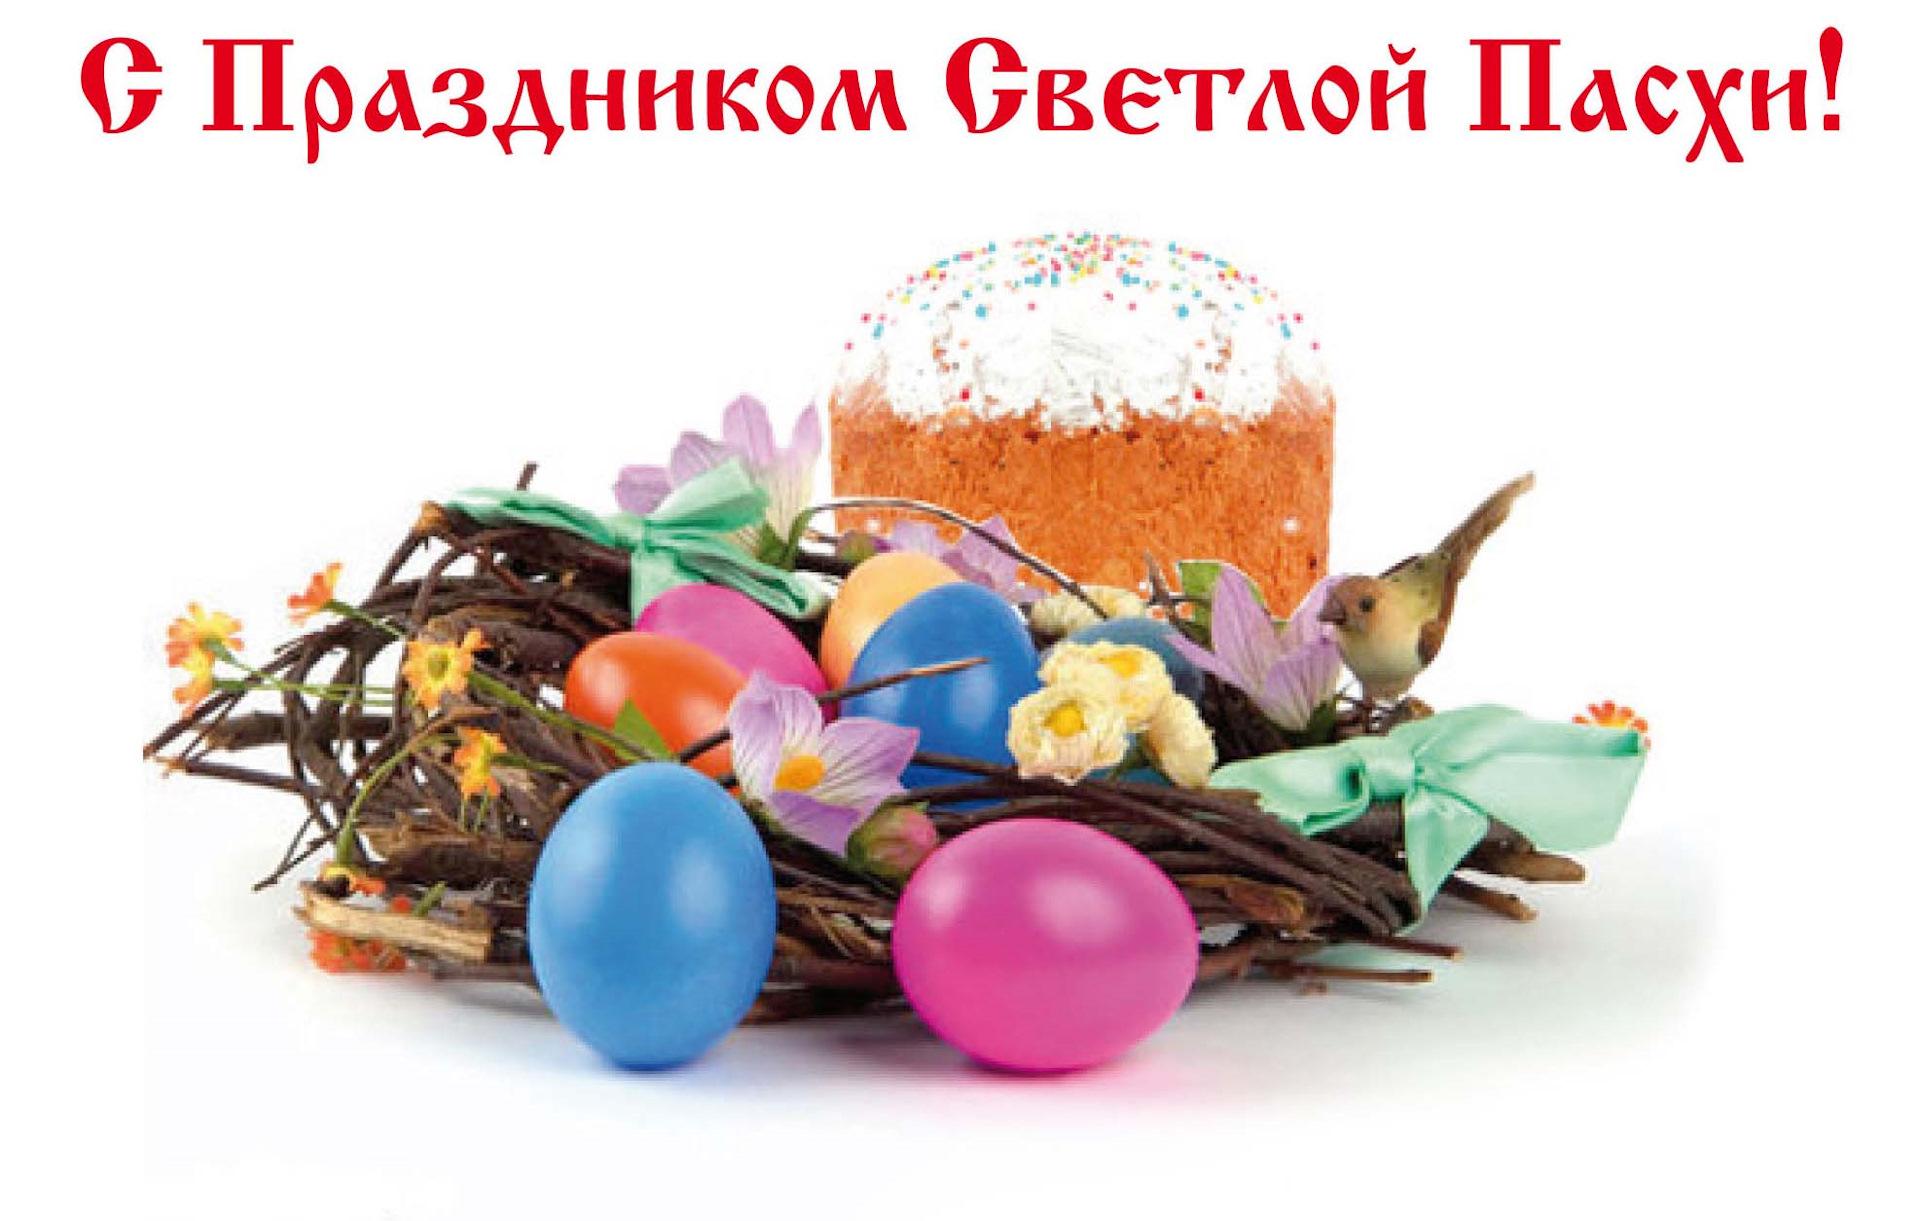 Уважаемые земляки! Поздравляем вас со Светлым Христовым Воскресением!